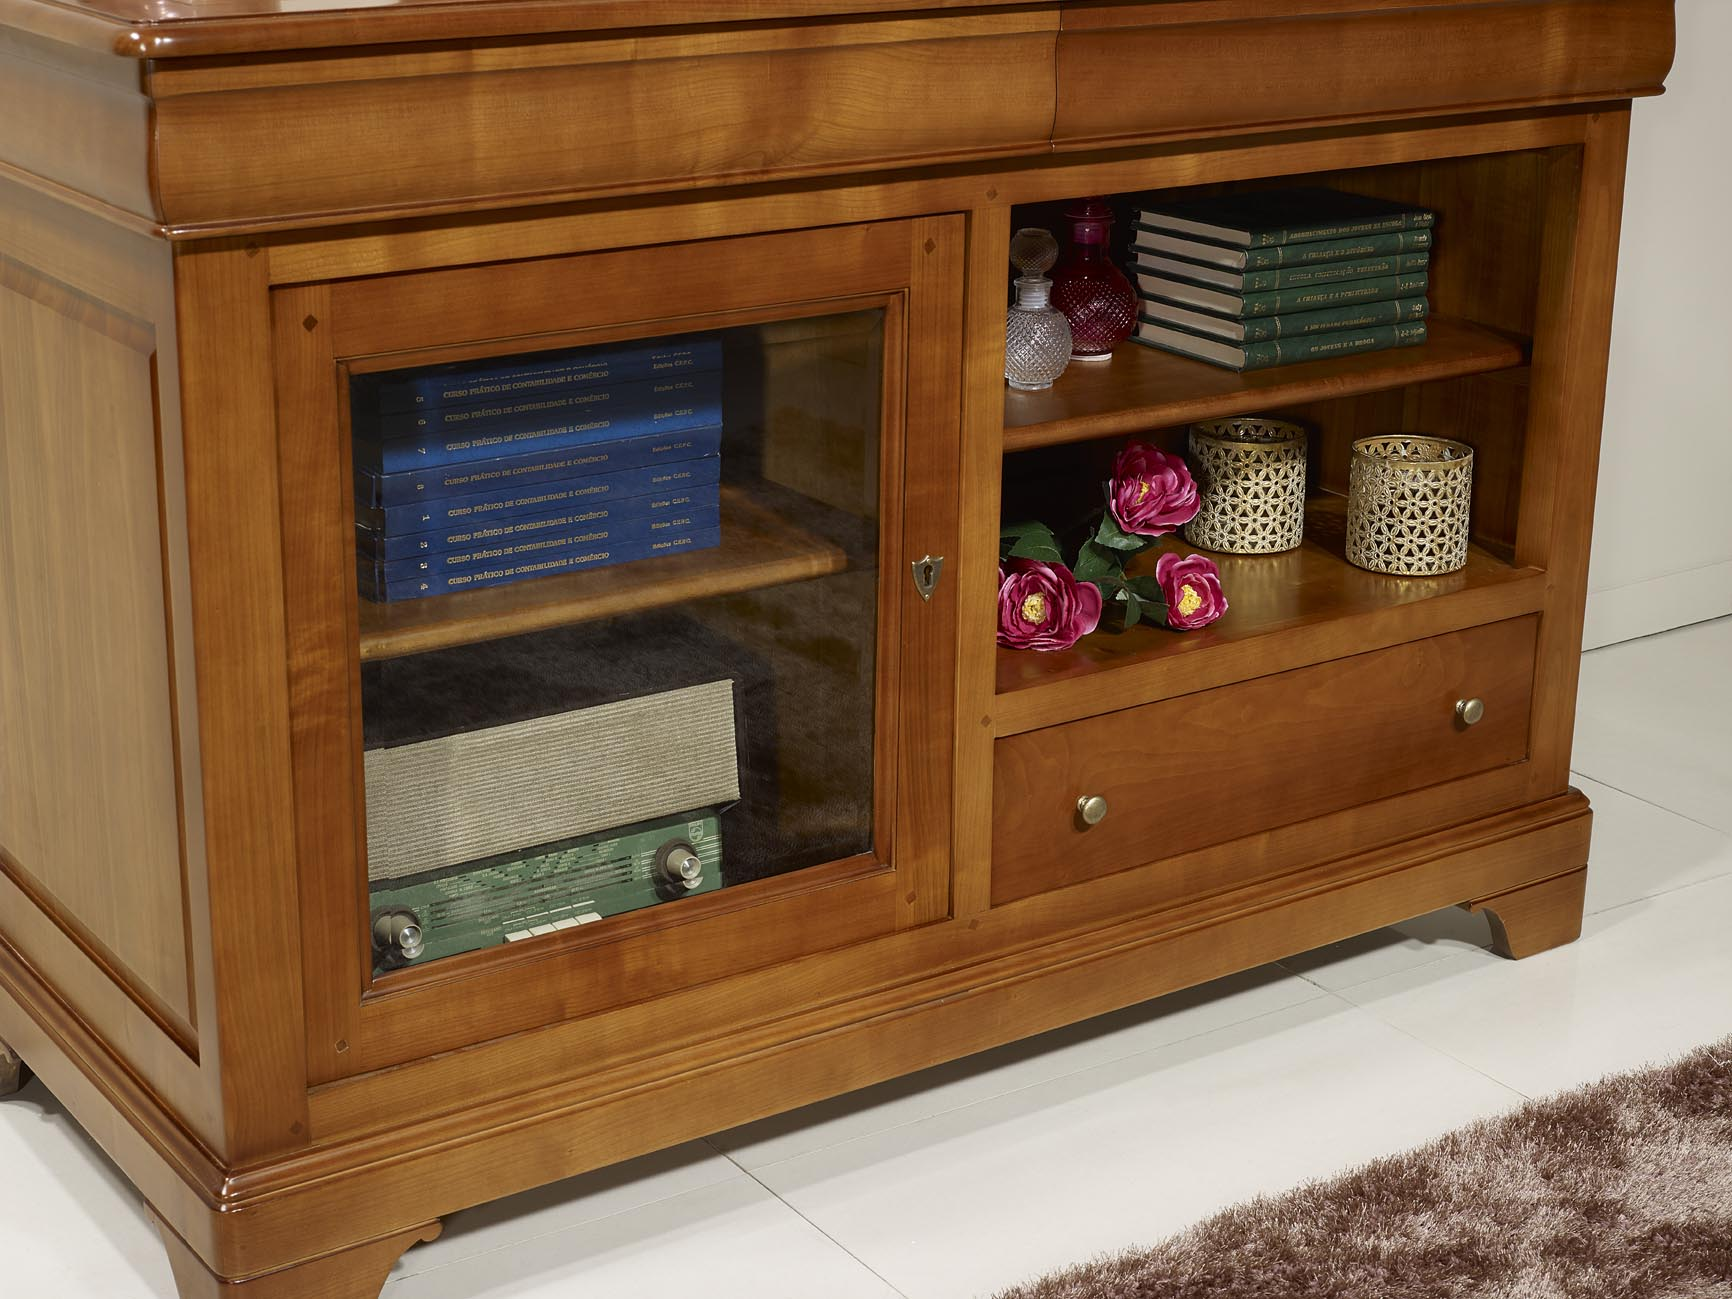 Meuble Tv Home Cinema Integre Watts Pas Cher Artzein Com # Meuble Tv Home Cinema Integre Watts